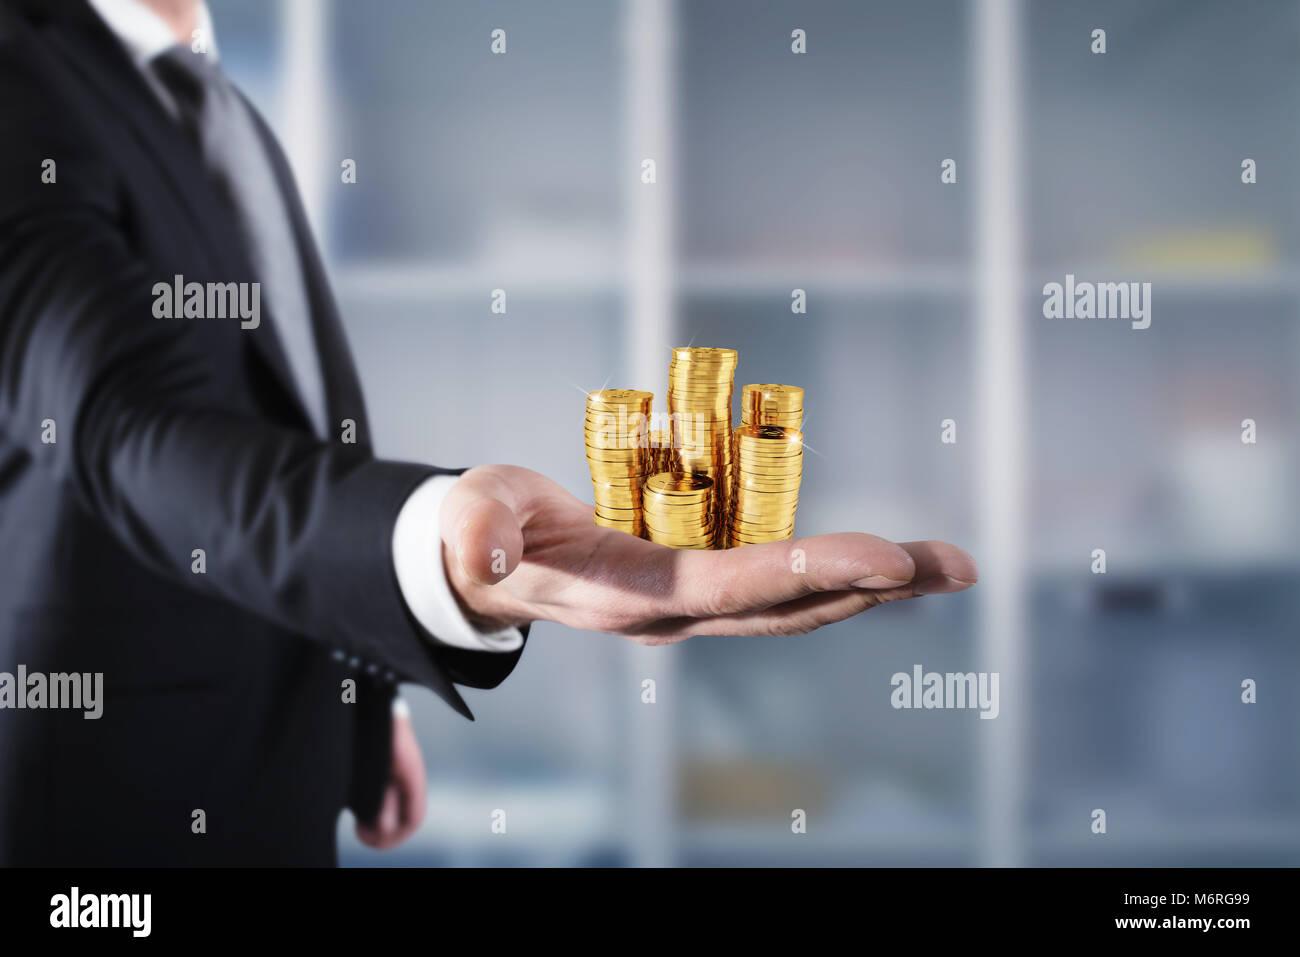 Imprenditore trattenere pile di denaro. Concetto di successo e di crescita della società Immagini Stock